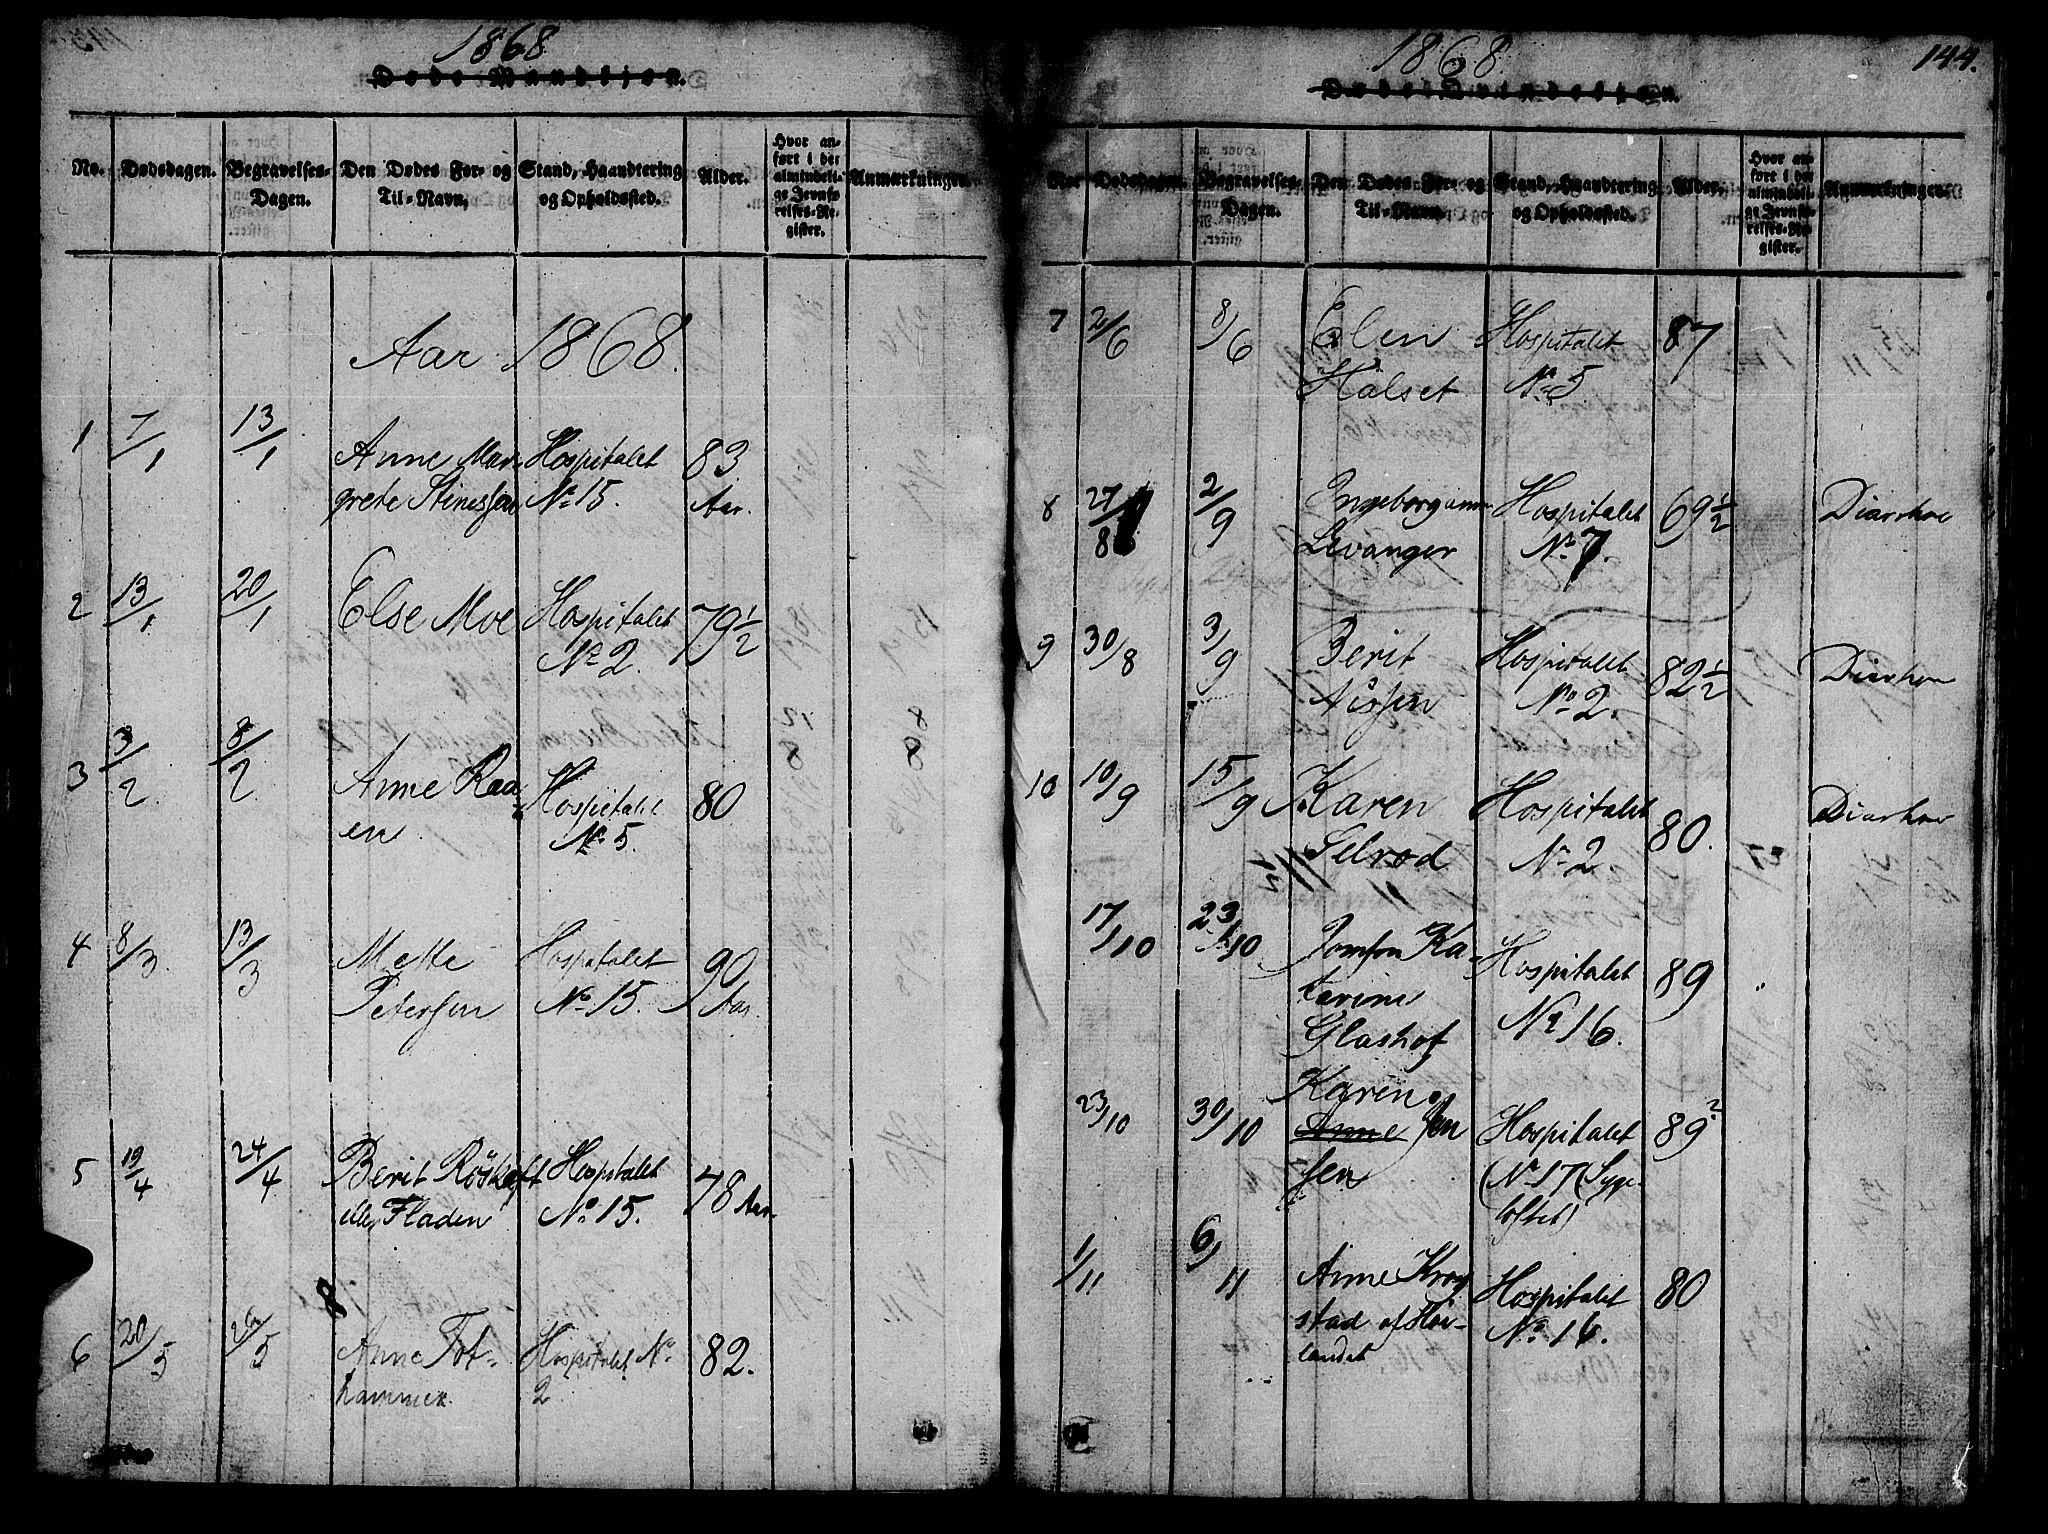 SAT, Ministerialprotokoller, klokkerbøker og fødselsregistre - Sør-Trøndelag, 623/L0478: Klokkerbok nr. 623C01, 1815-1873, s. 144